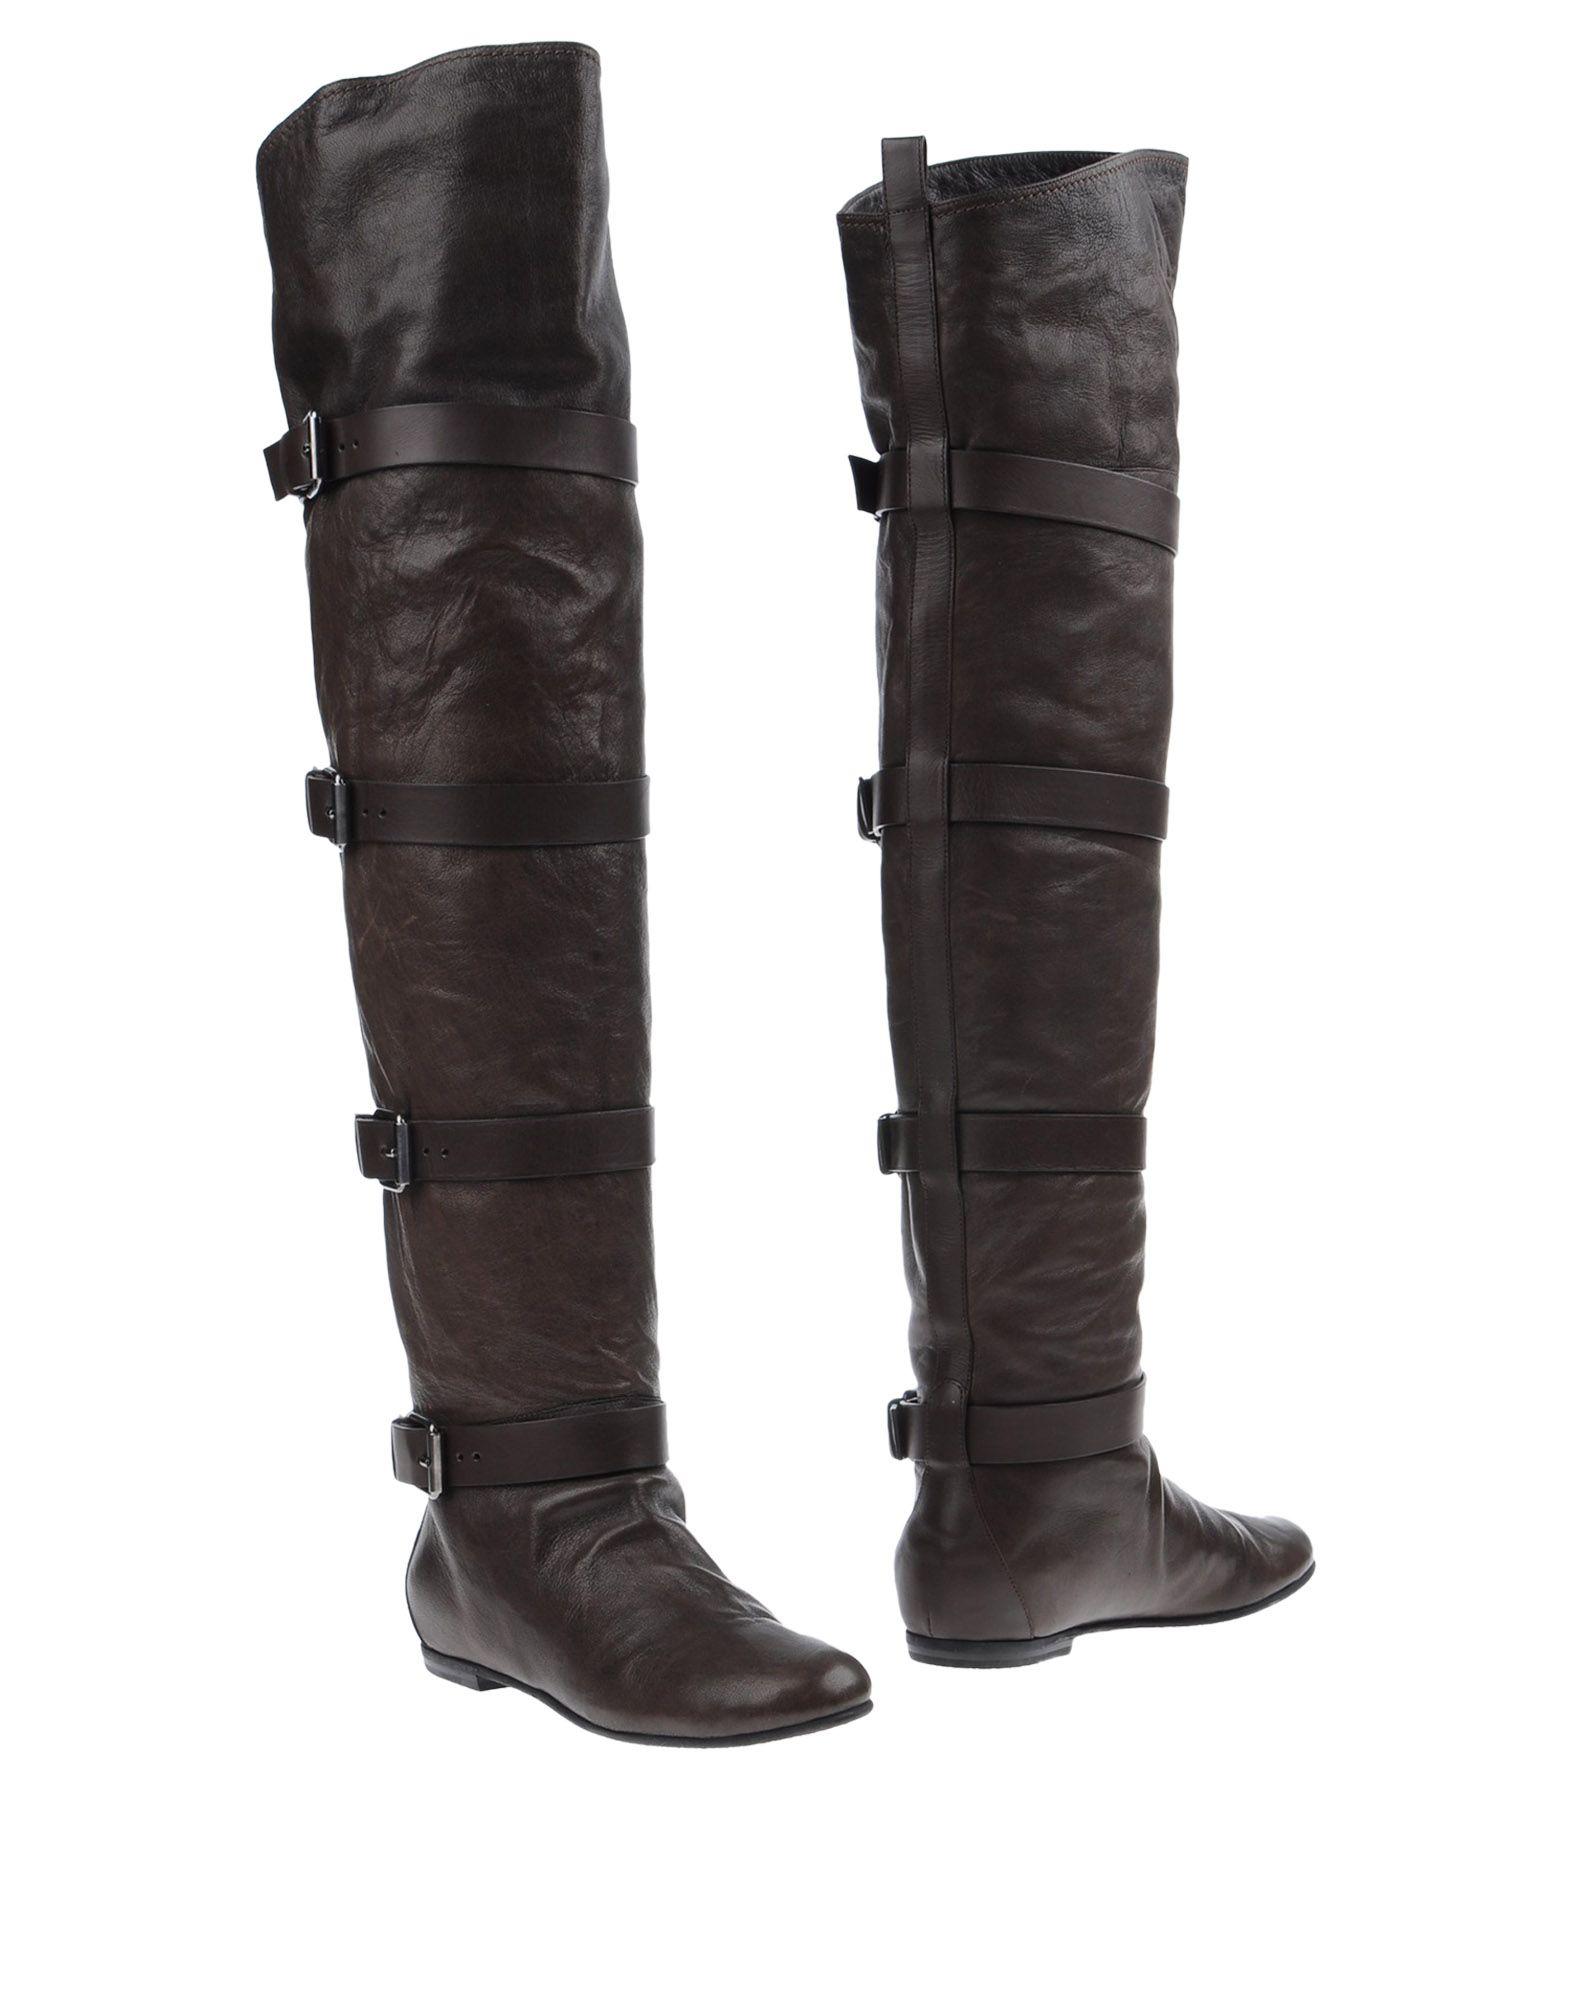 Billig-3975,Giuseppe Zanotti Stiefel Damen Gutes sich Preis-Leistungs-Verhältnis, es lohnt sich Gutes cef550